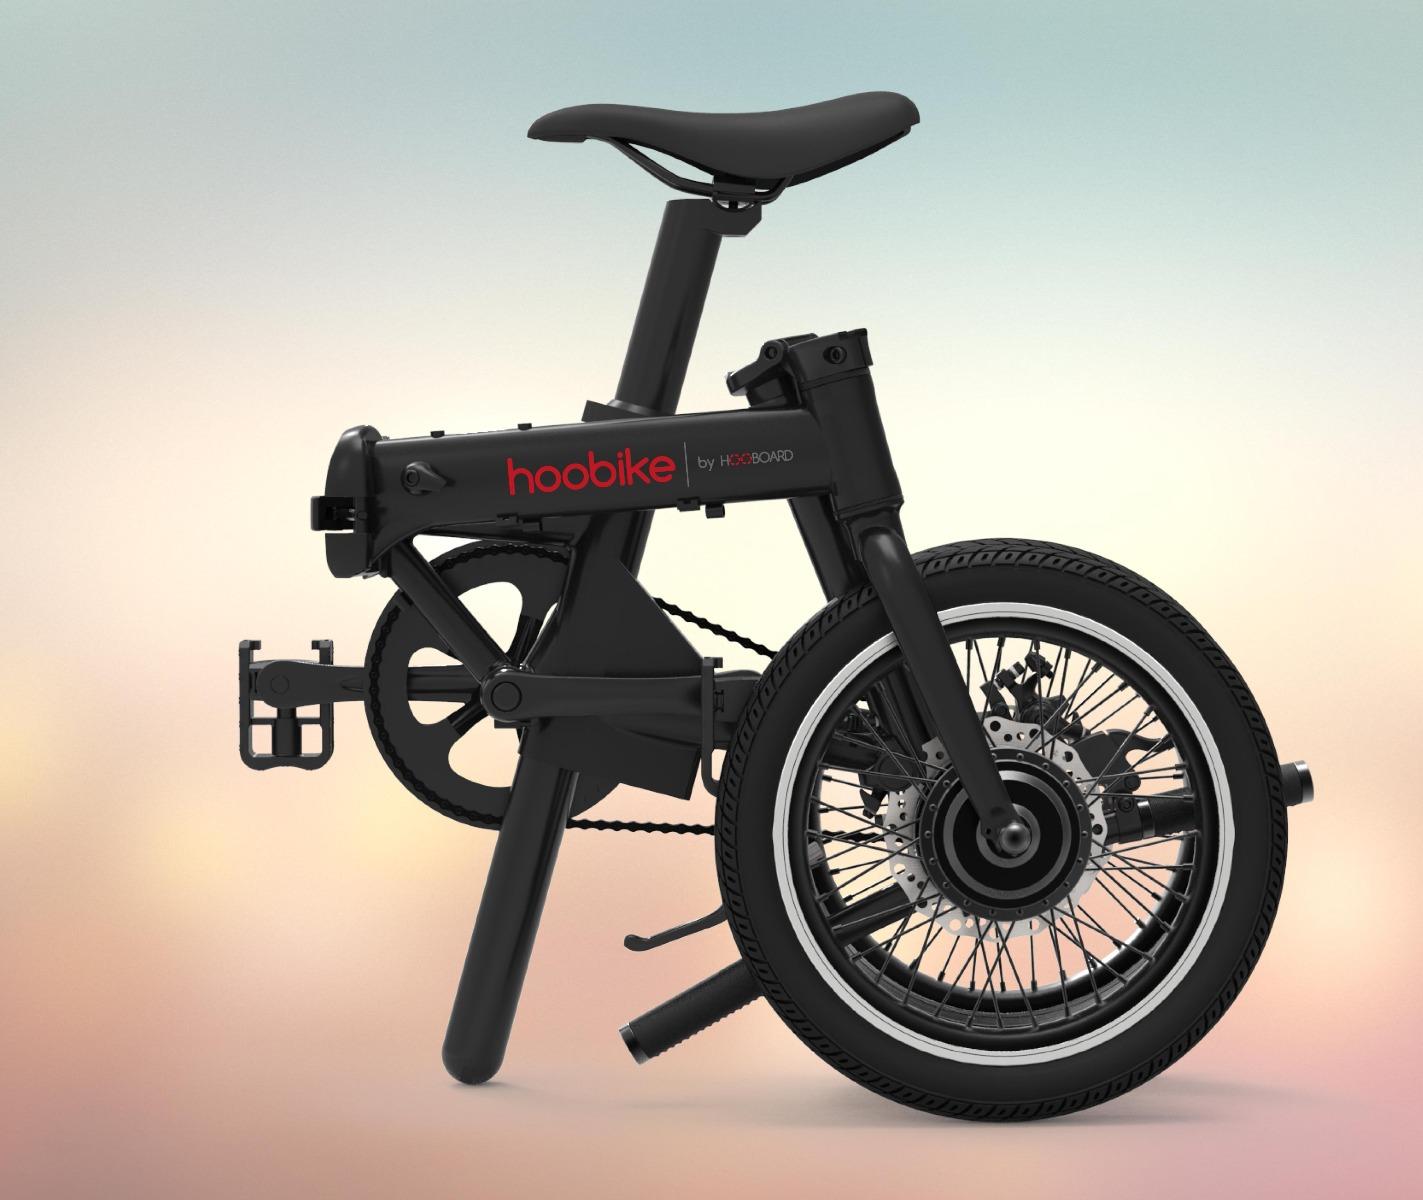 hoobike folded 01 Elektromos Kerékpár Hoobike Összecsukható Li Ion Akkumulátor